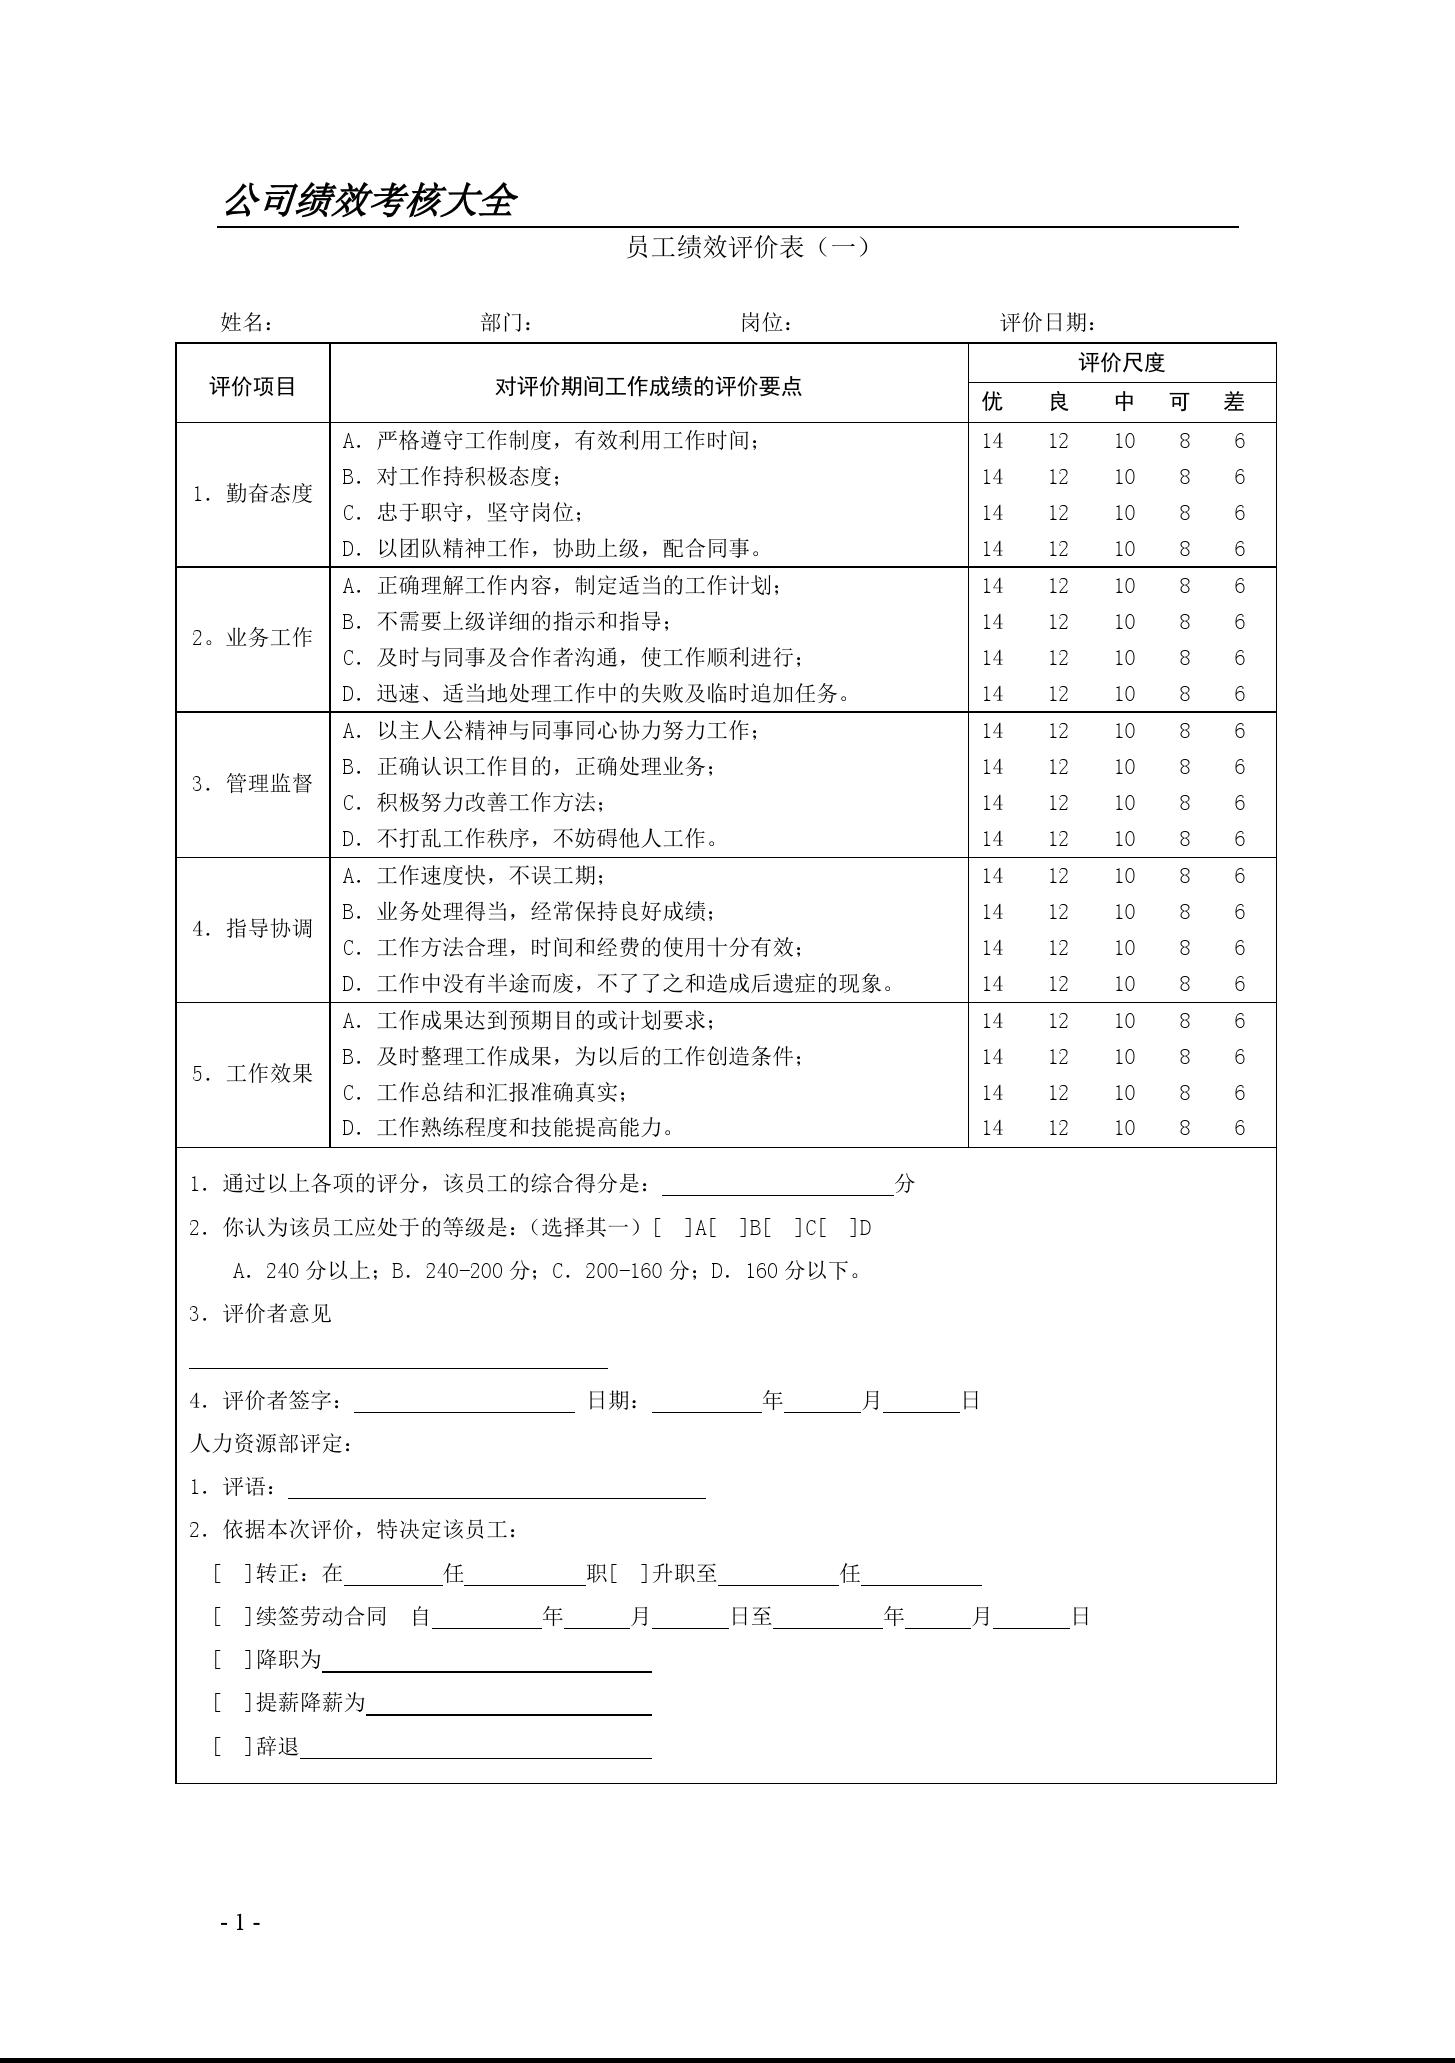 最新公司绩效考核表格大全(适合大小公司)